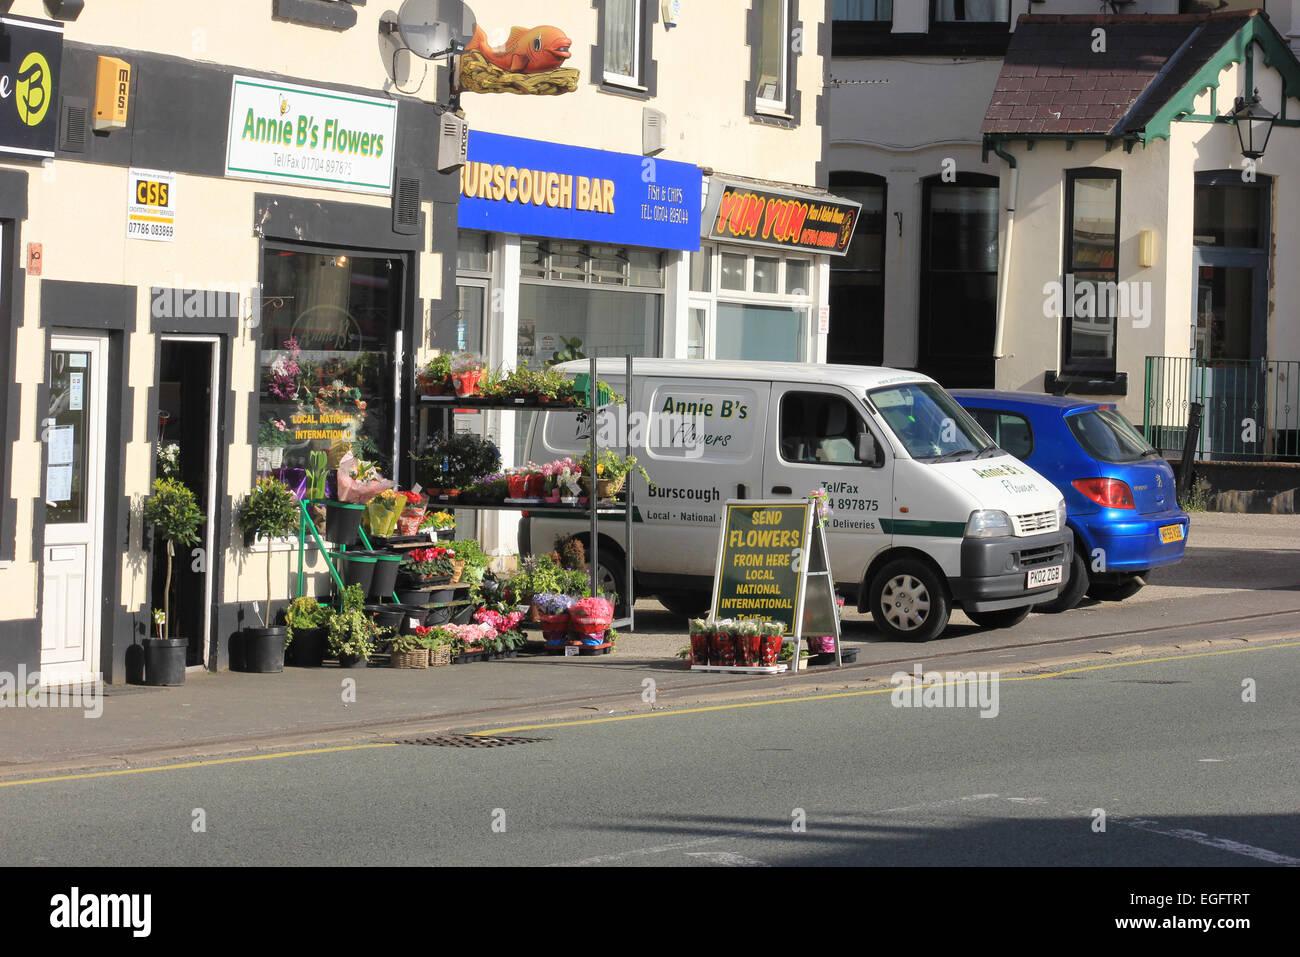 Annie B's flowers, florist,  Burscough West Lancashire. On Liverpool road north in Burscough is The Palais Buildings. - Stock Image